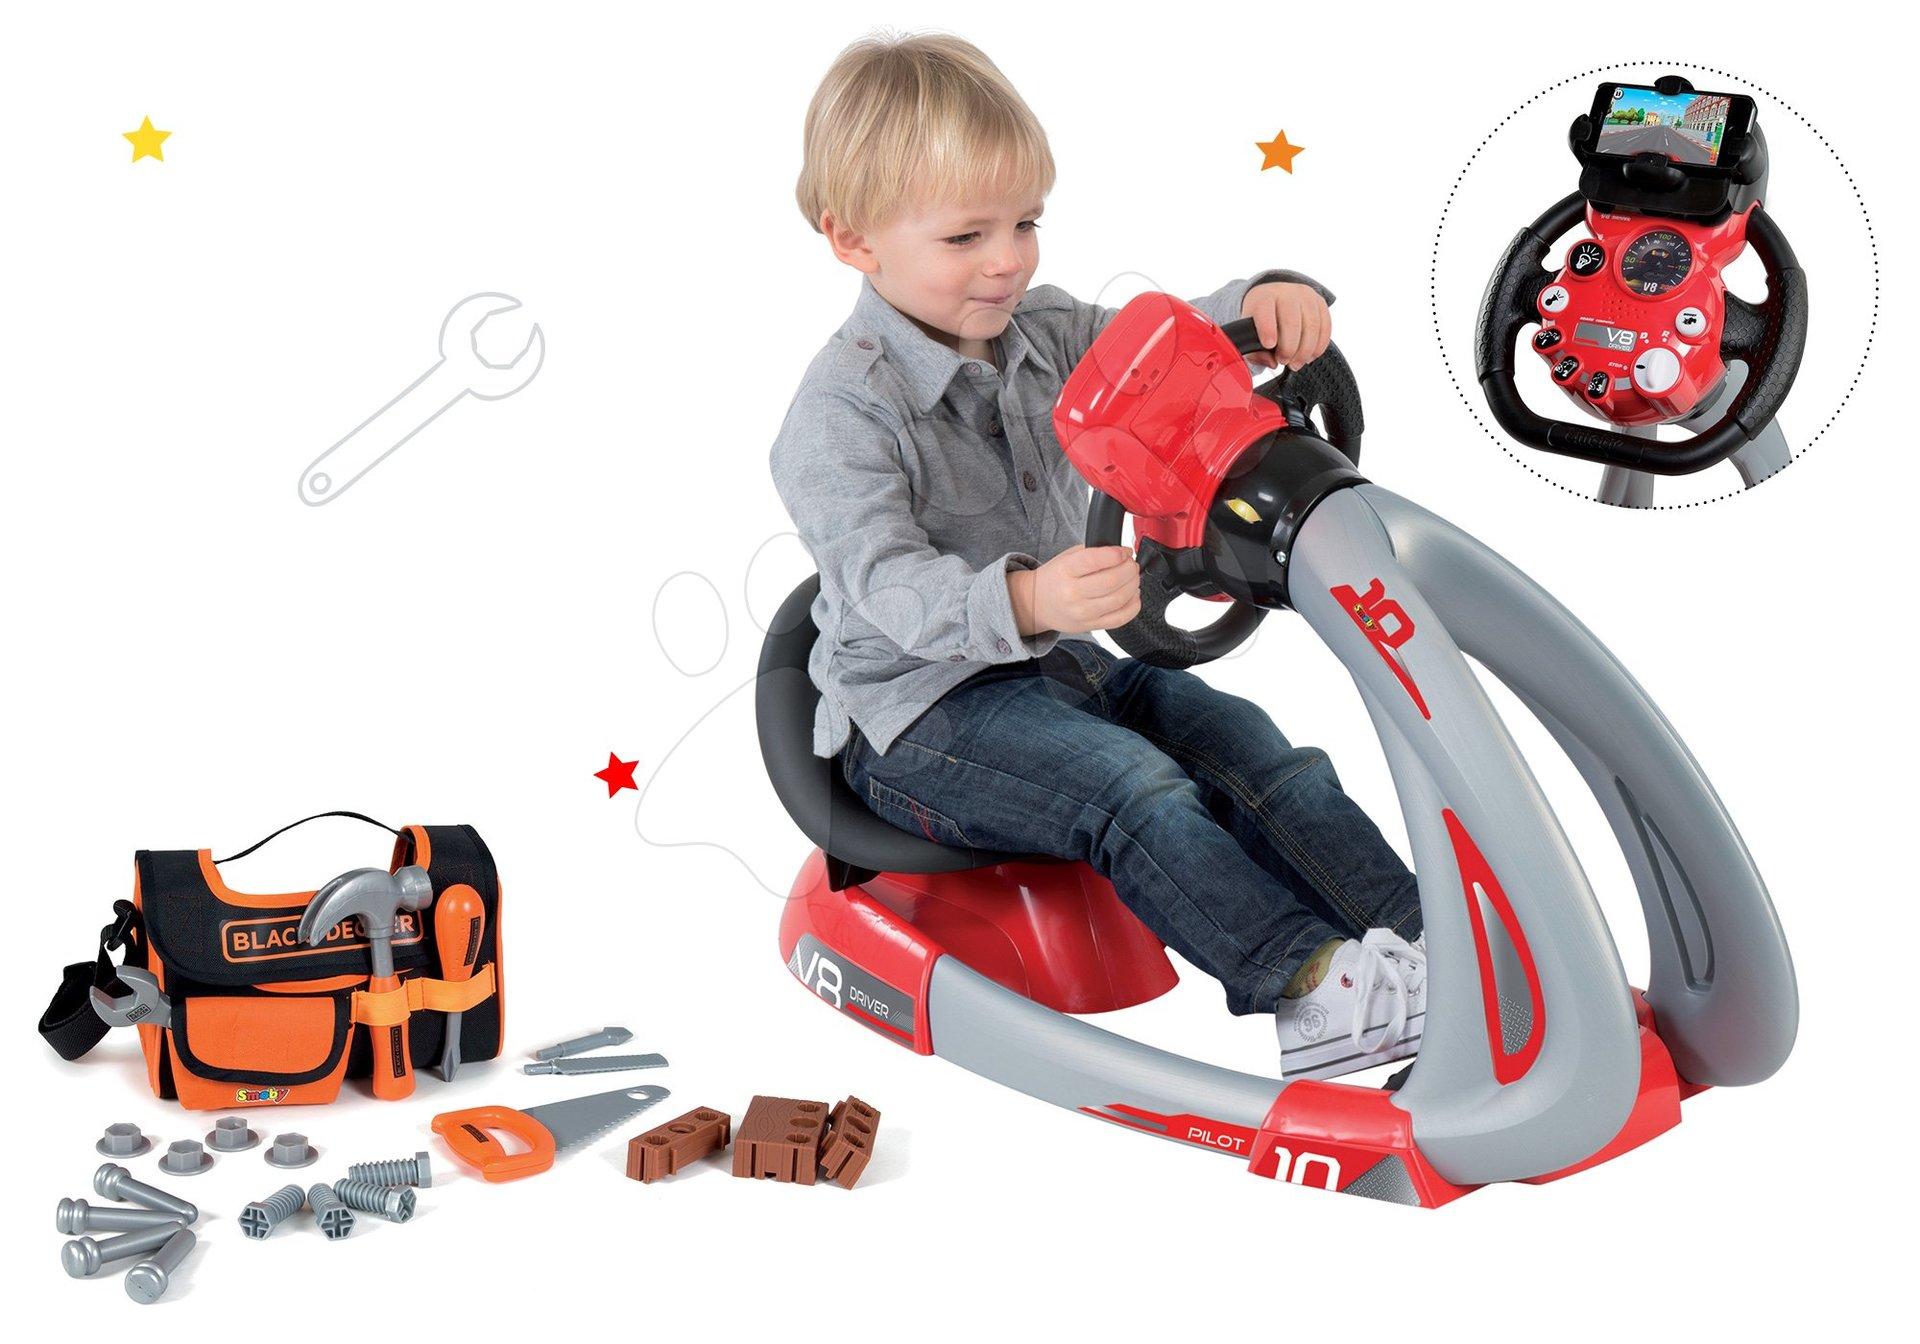 Smoby detský elektronický trenažér V8 Driver a pracovné náradie Black+Decker 370206-6